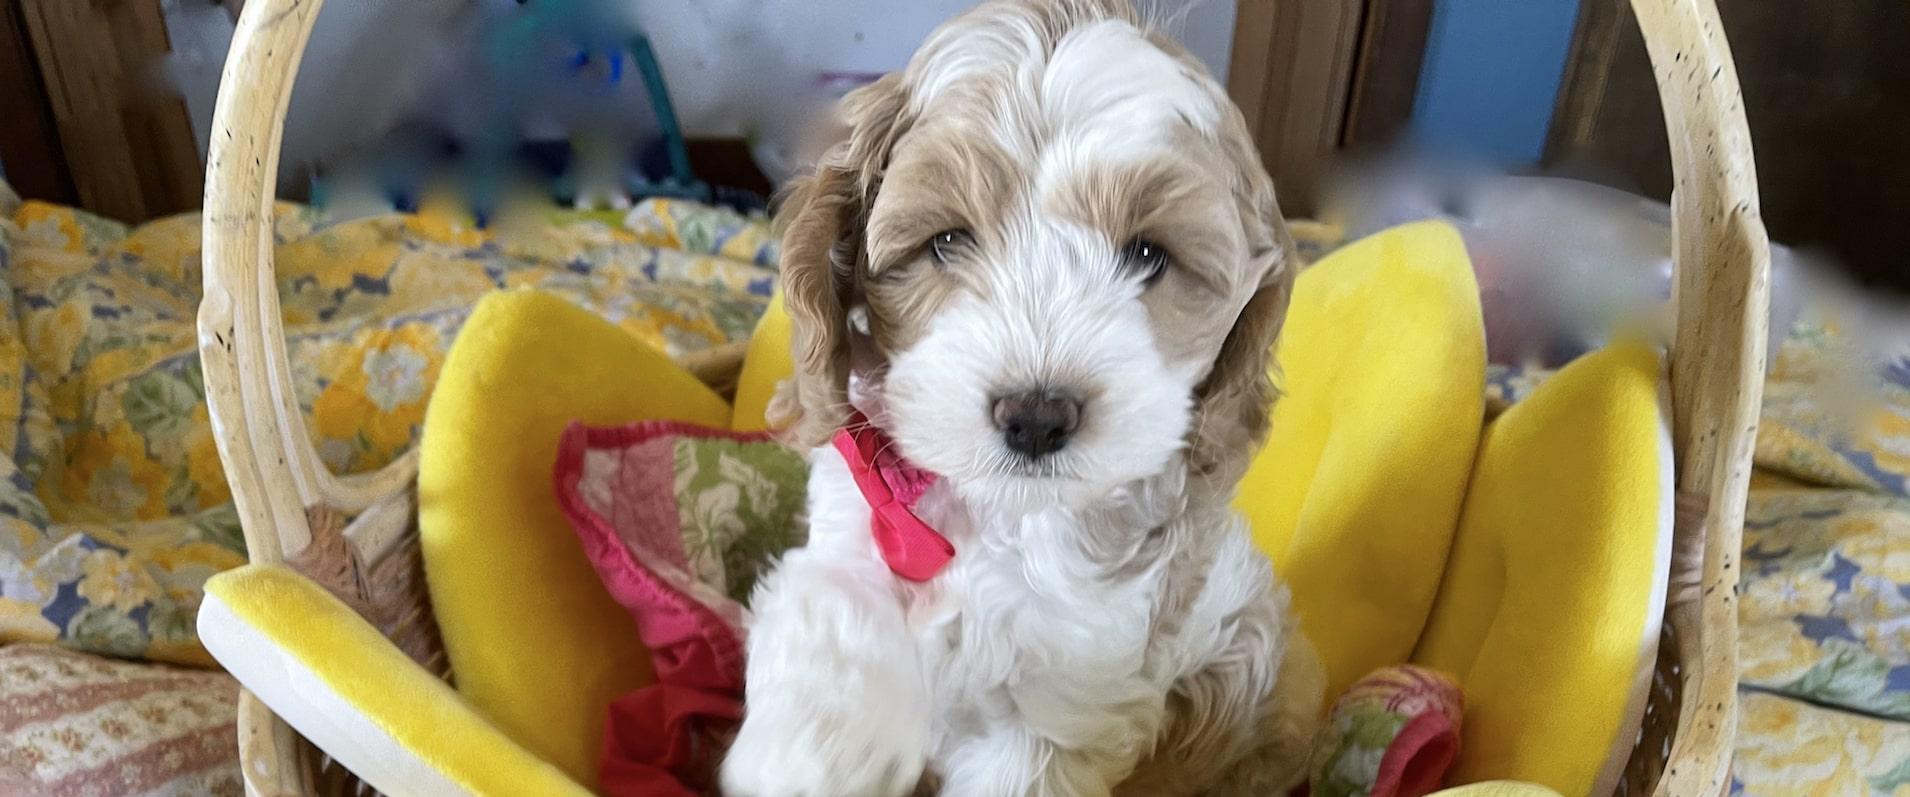 Cabrini had 3 puppies sure wish there were more!